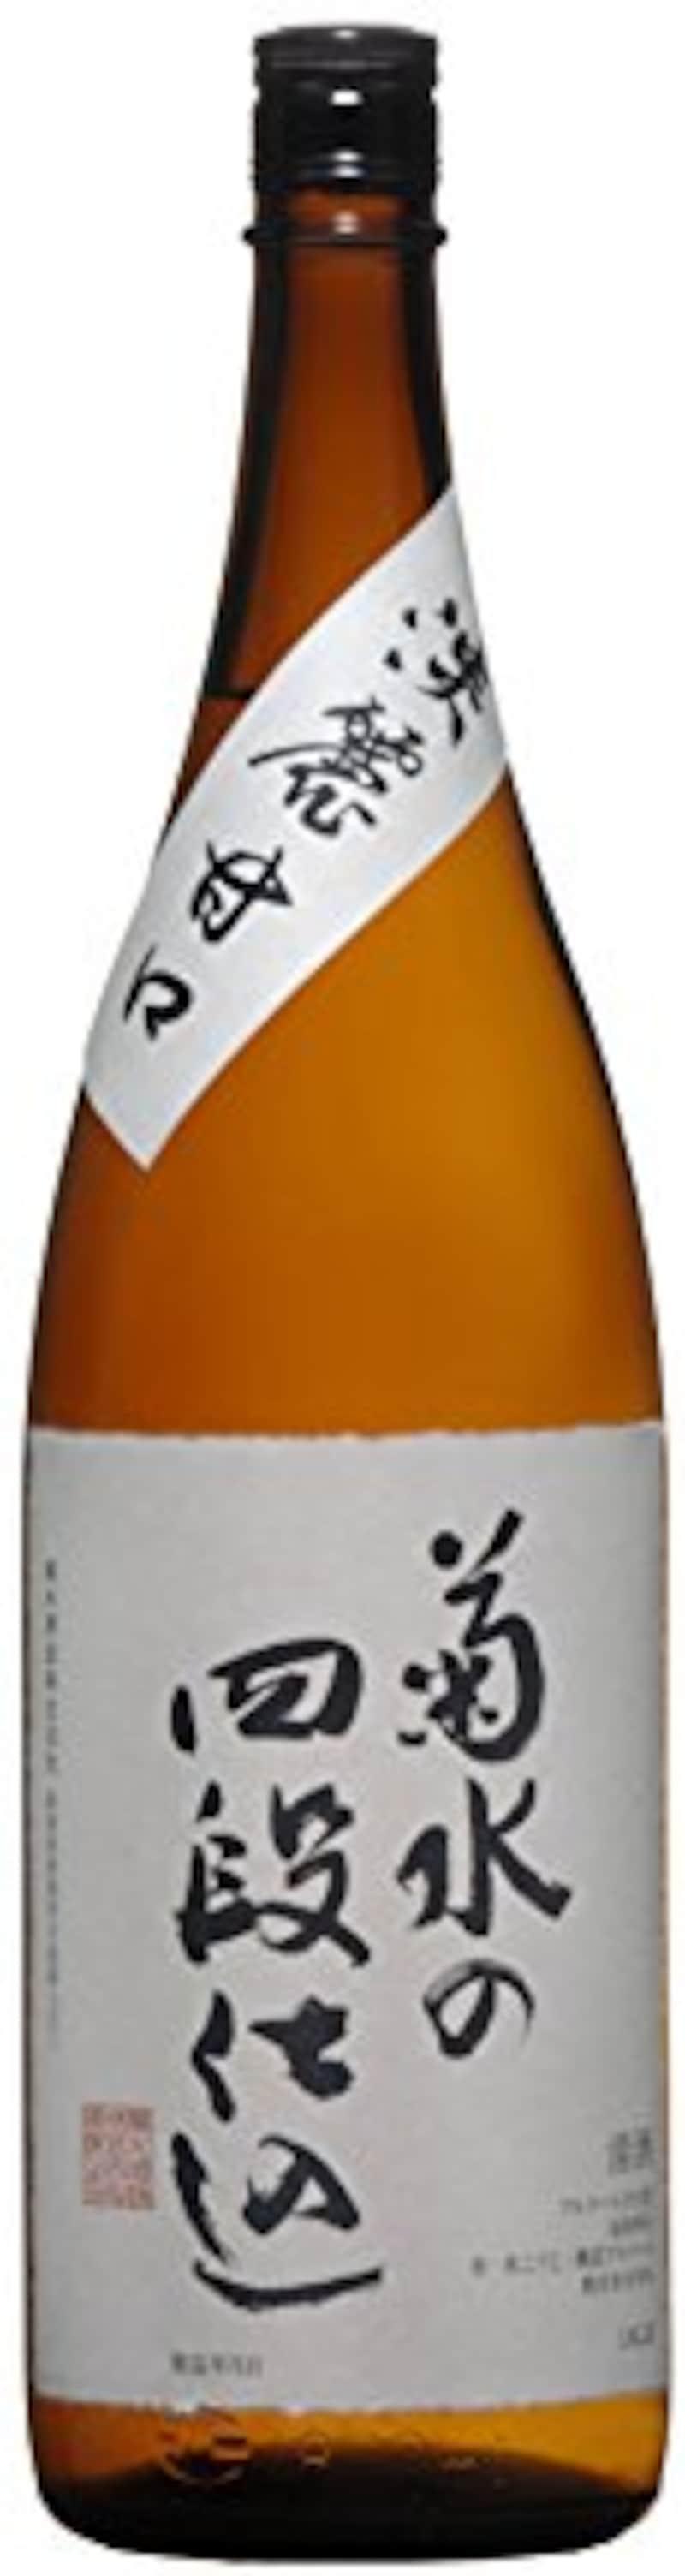 菊水酒造,菊水の四段仕込